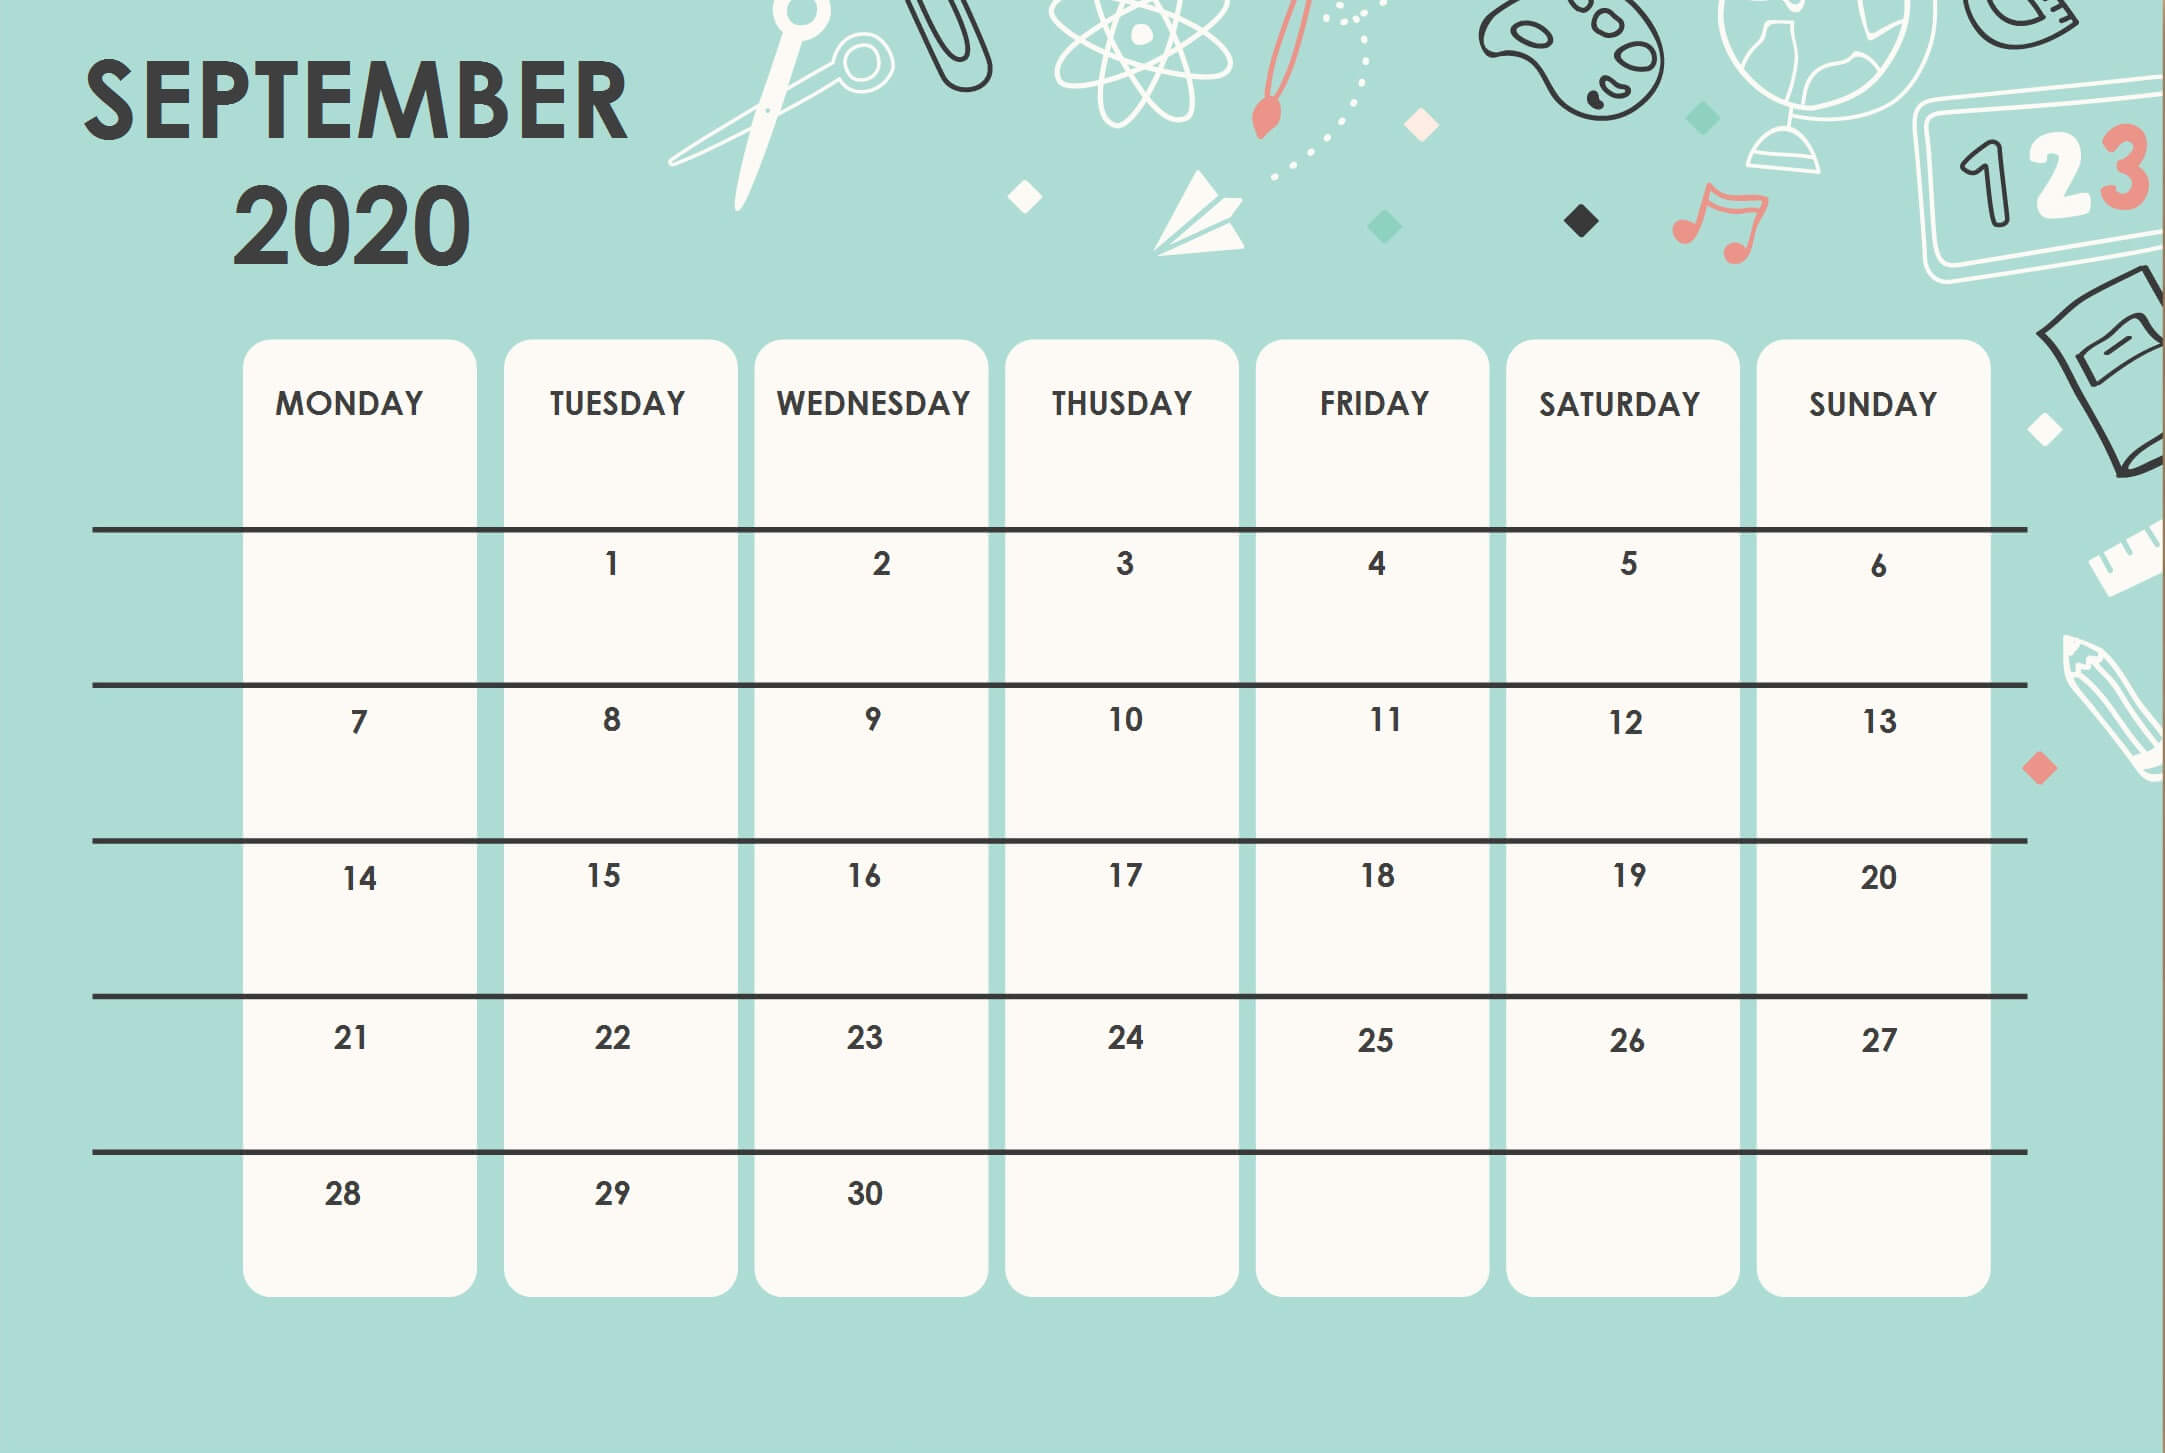 Cute September 2020 Floral Calendar